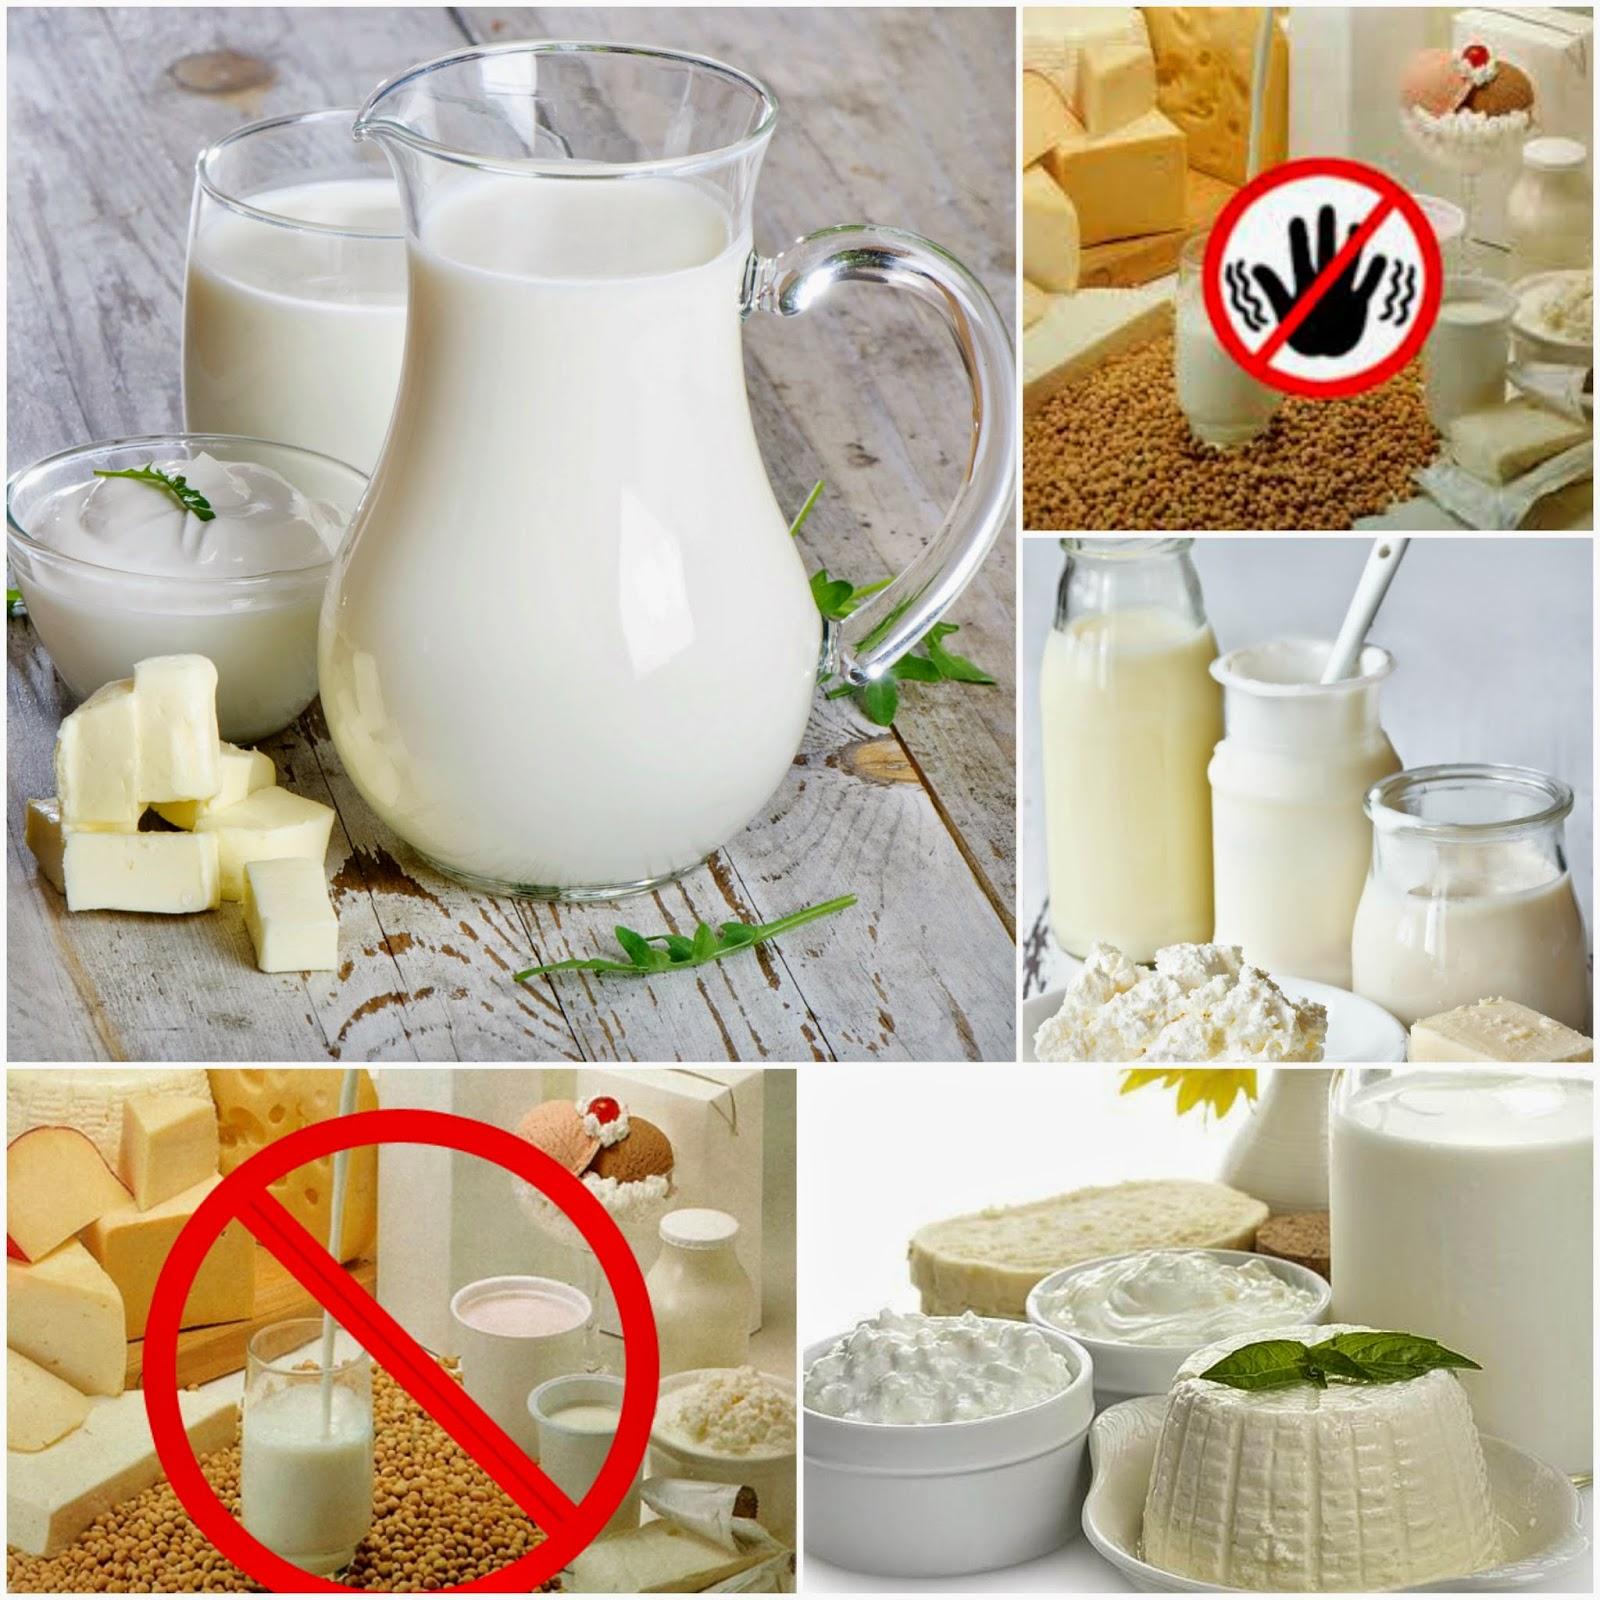 Los alimentos para la lactancia no son para comer